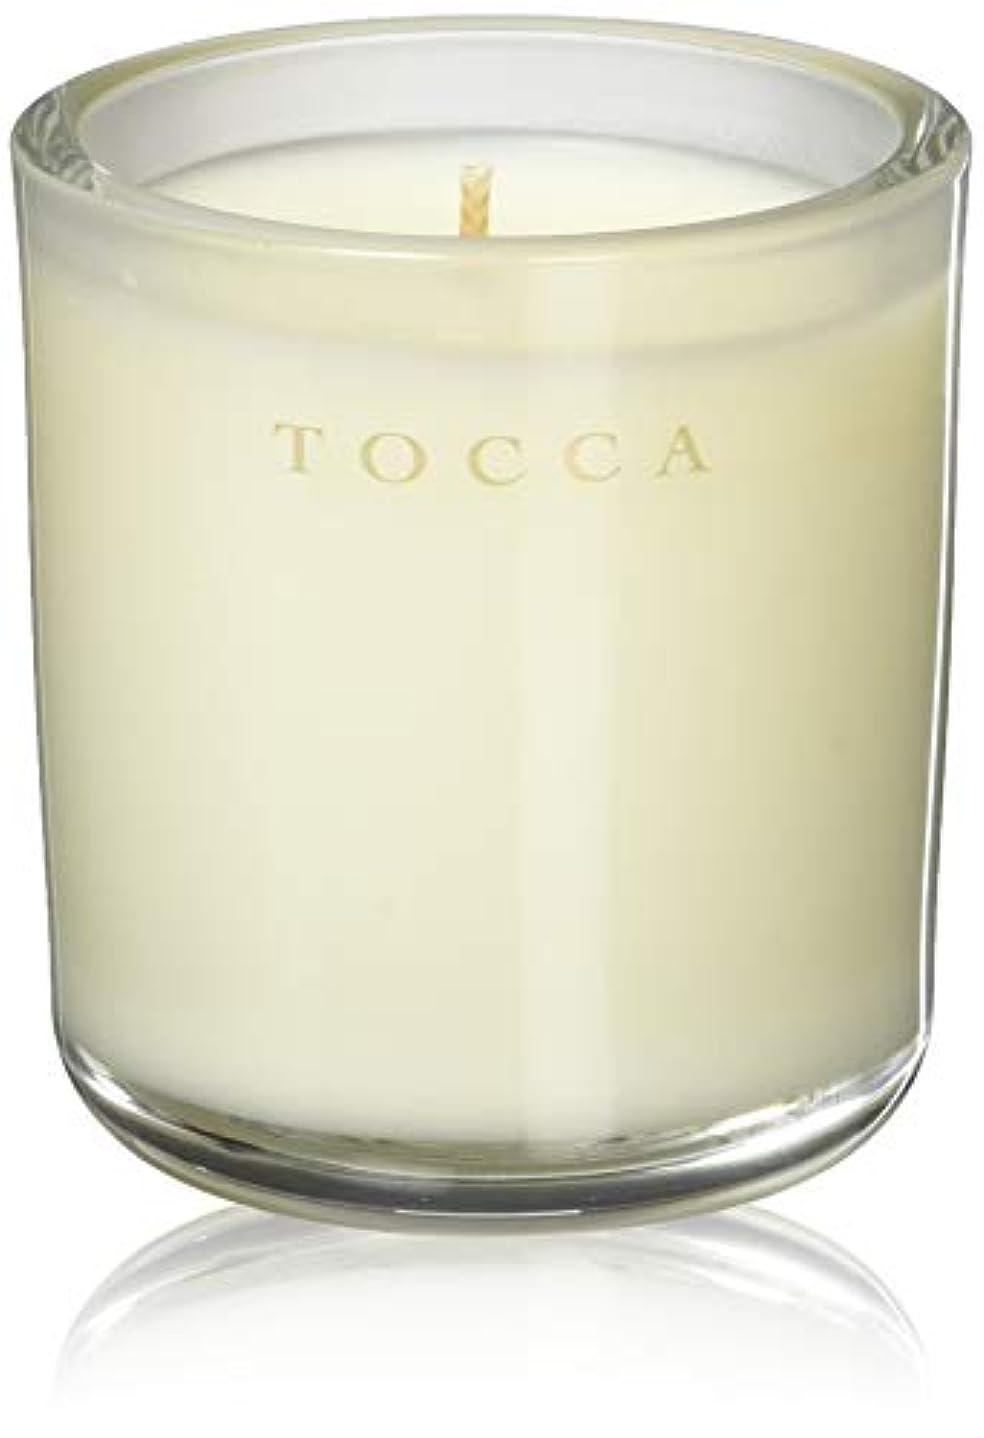 ではごきげんよう欠員議論するTOCCA(トッカ) ボヤージュ キャンデリーナ バレンシア 85g (ろうそく 芳香 オレンジとベルガモットのフレッシュシトラスな香り)